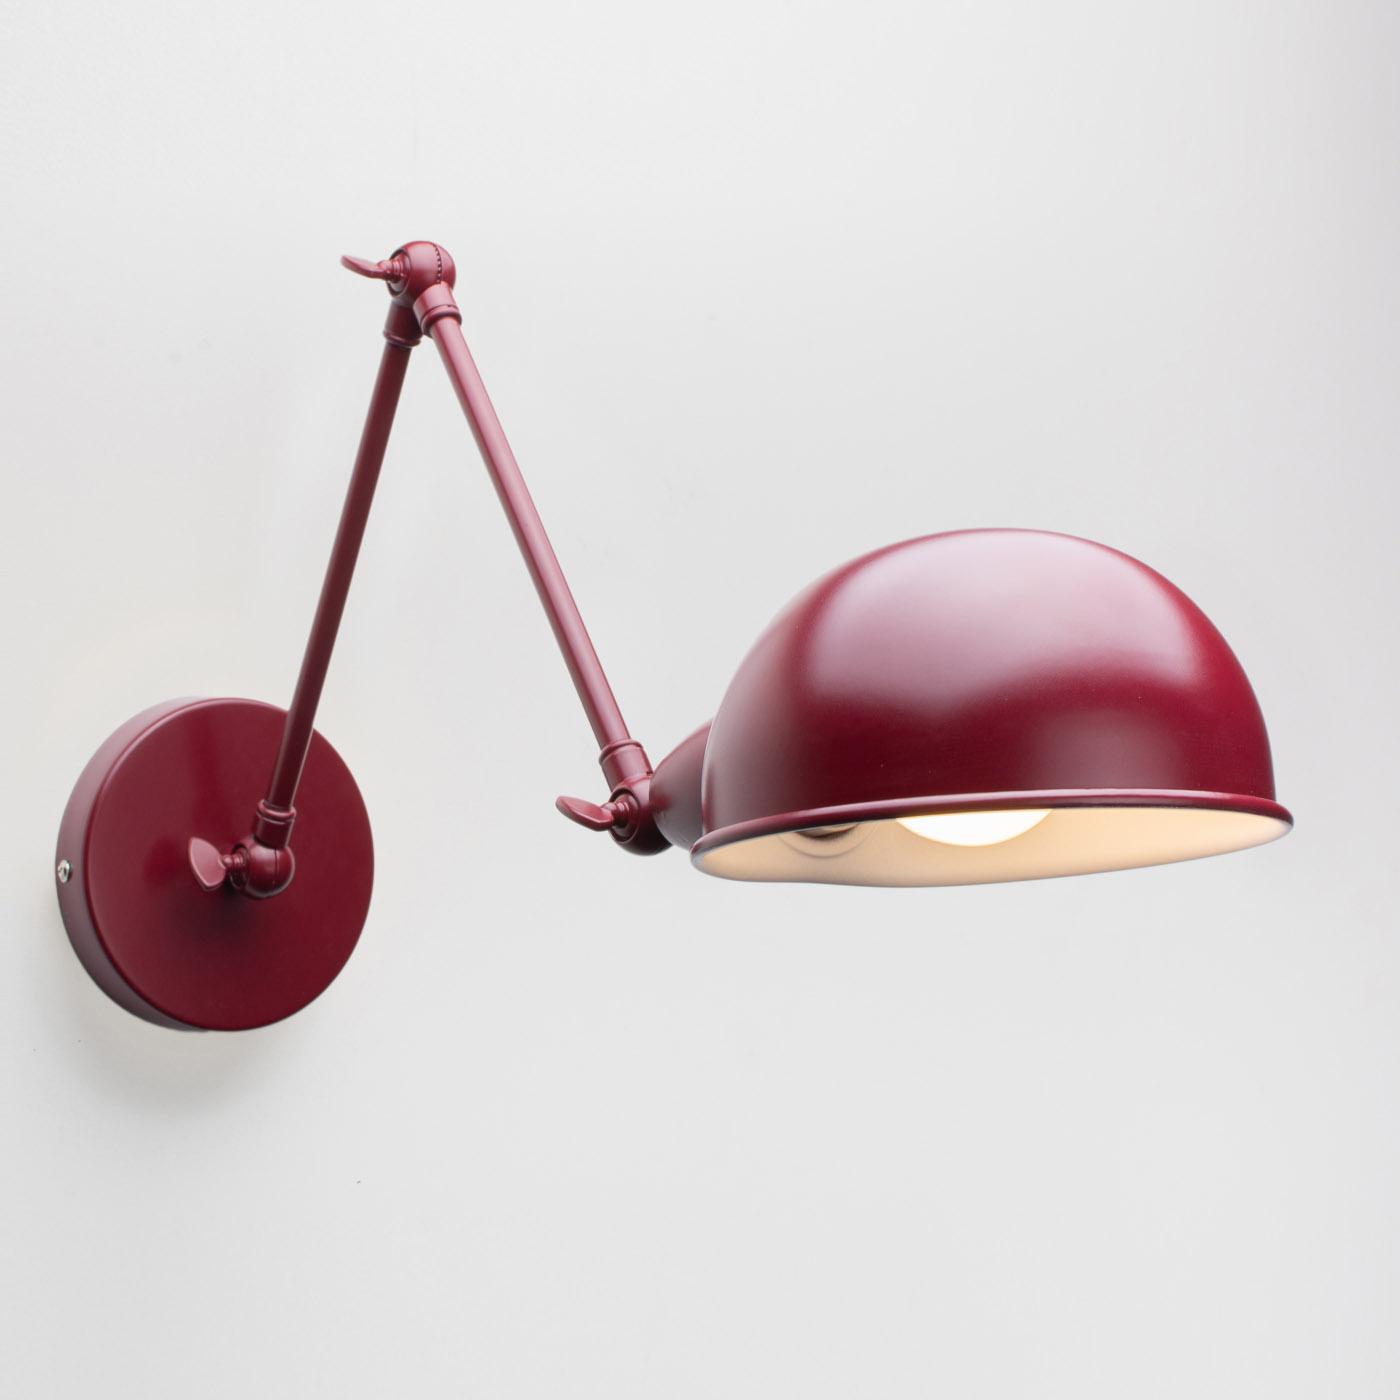 Настенный светильник Folke бордовый